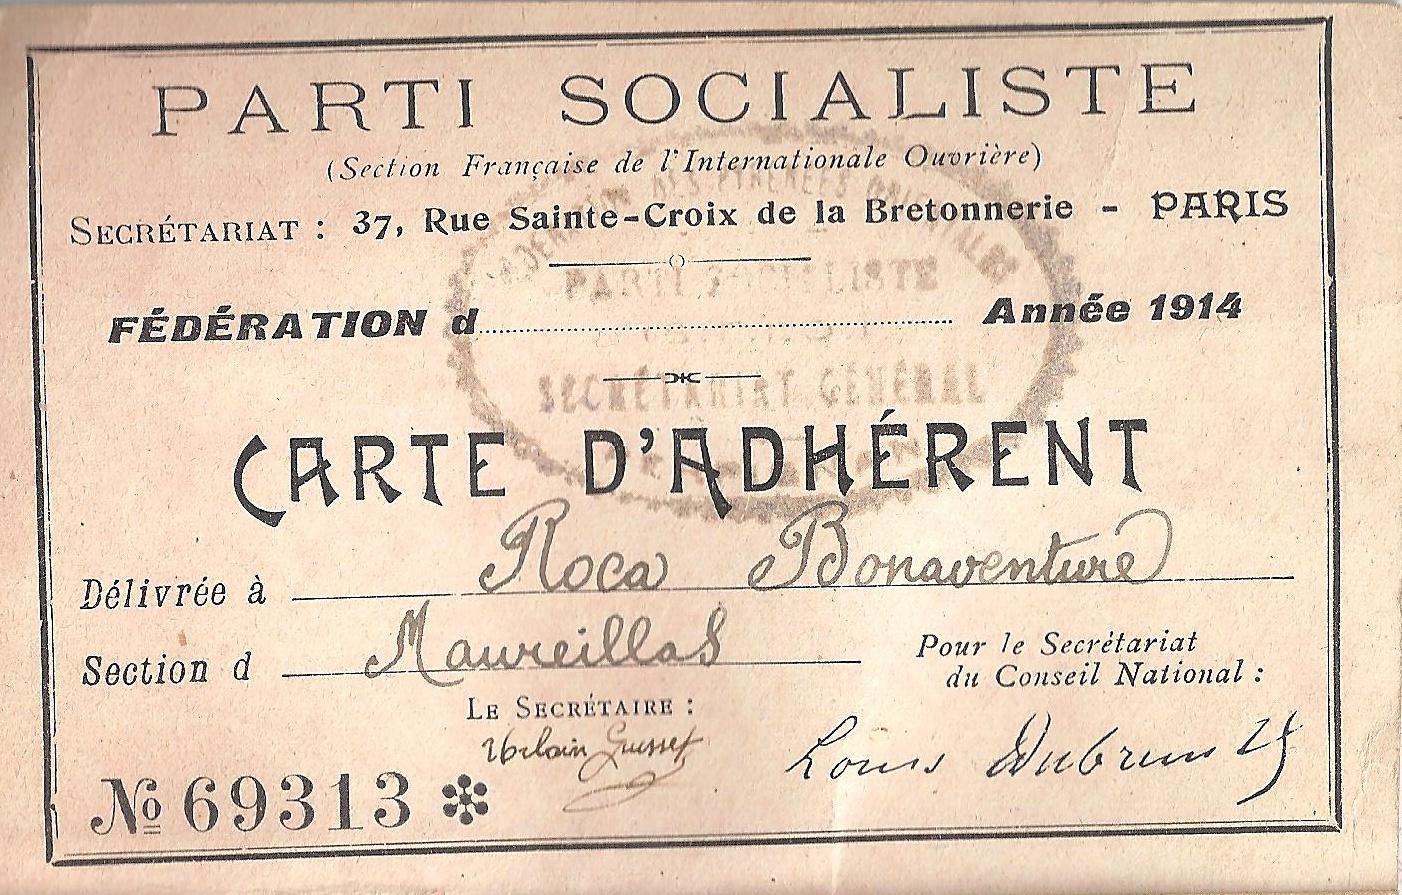 Une carte d'adhérent au Parti Socialiste ? C'est de l'archéologie ça !